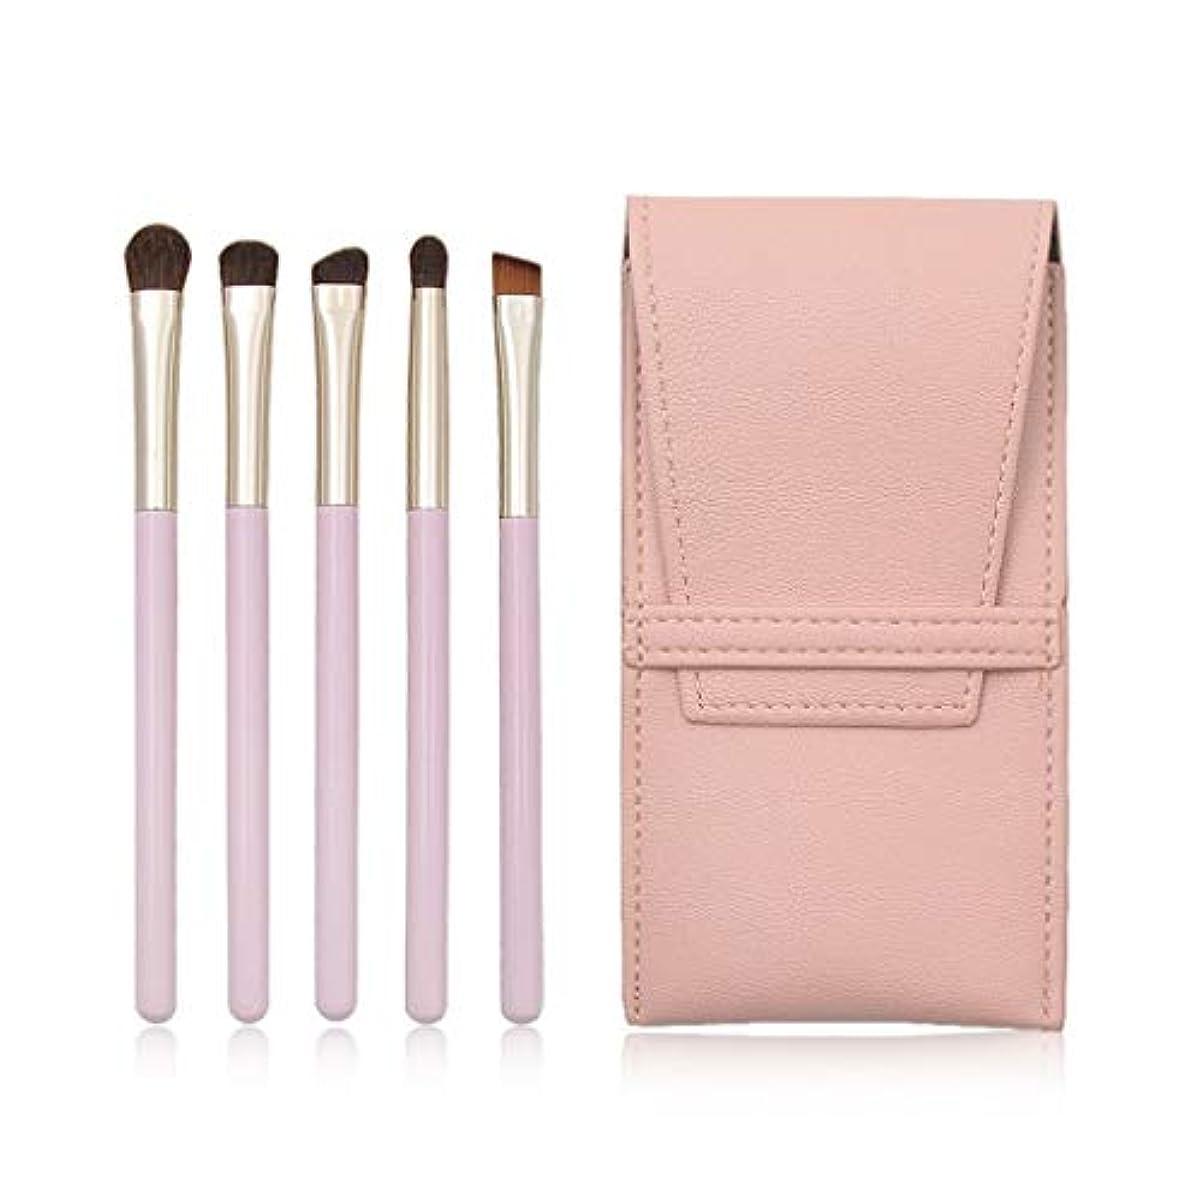 増幅航空会社きゅうり化粧ブラシ プロの化粧ブラシ 初心者の化粧ブラシ アイシャドウブラシ アイメイクブラシ ピンク 木材 バッグを含む 5つ